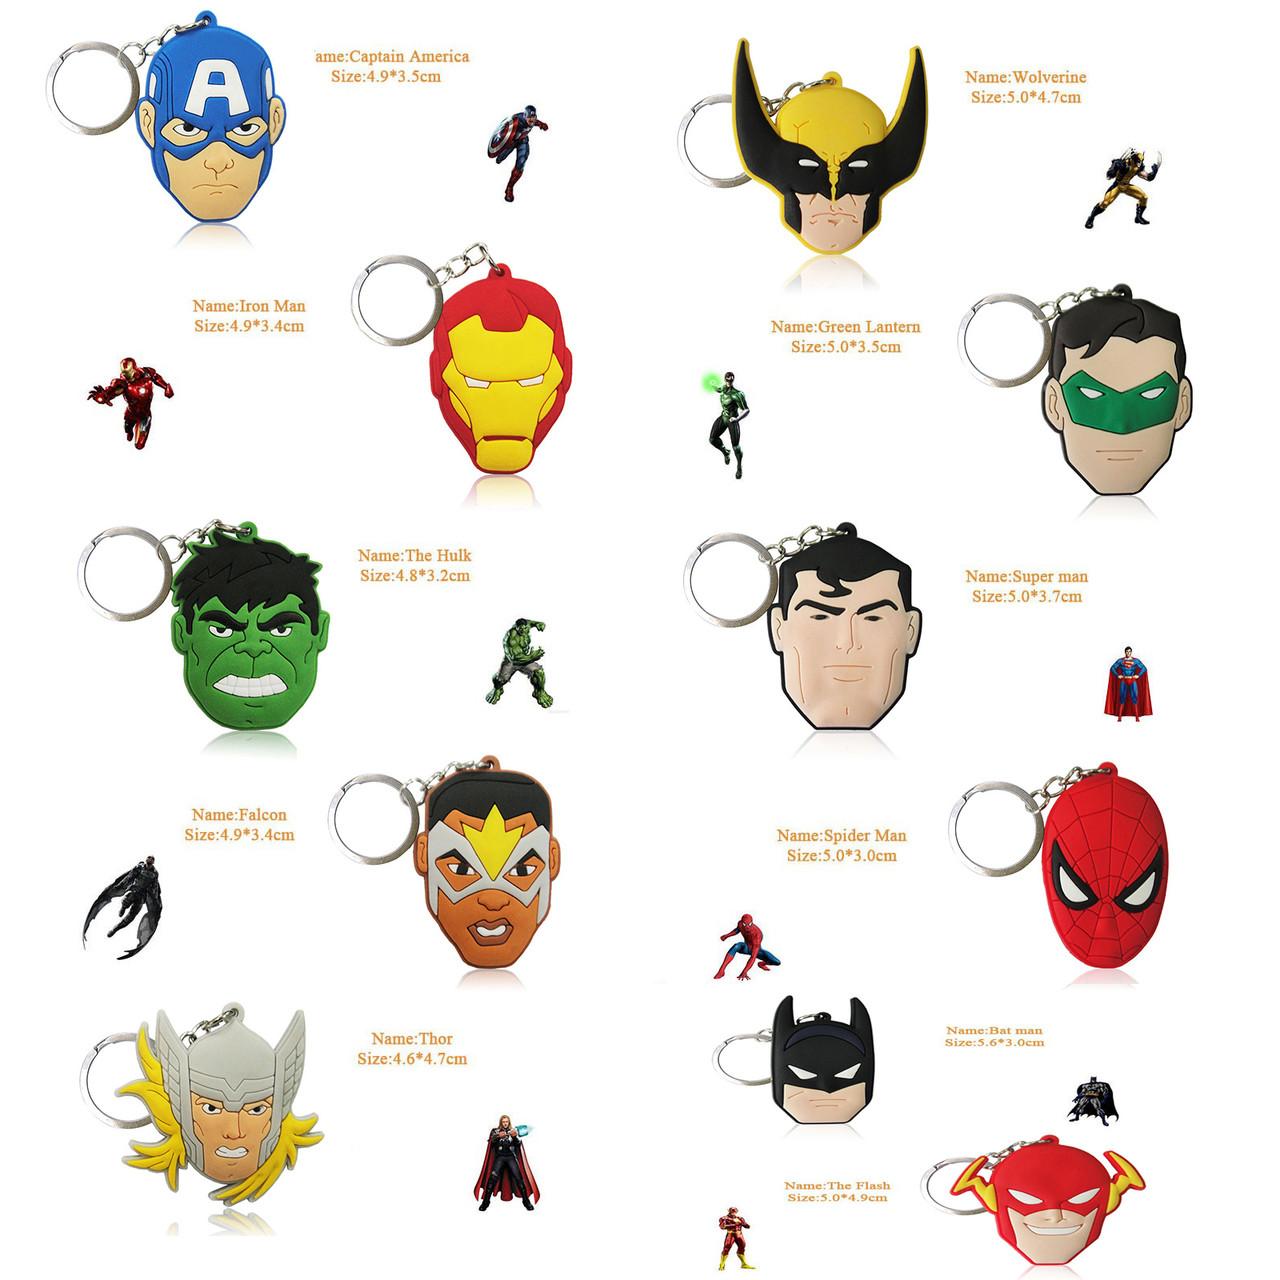 Брелоки за мотивами коміксів Marvel і DC